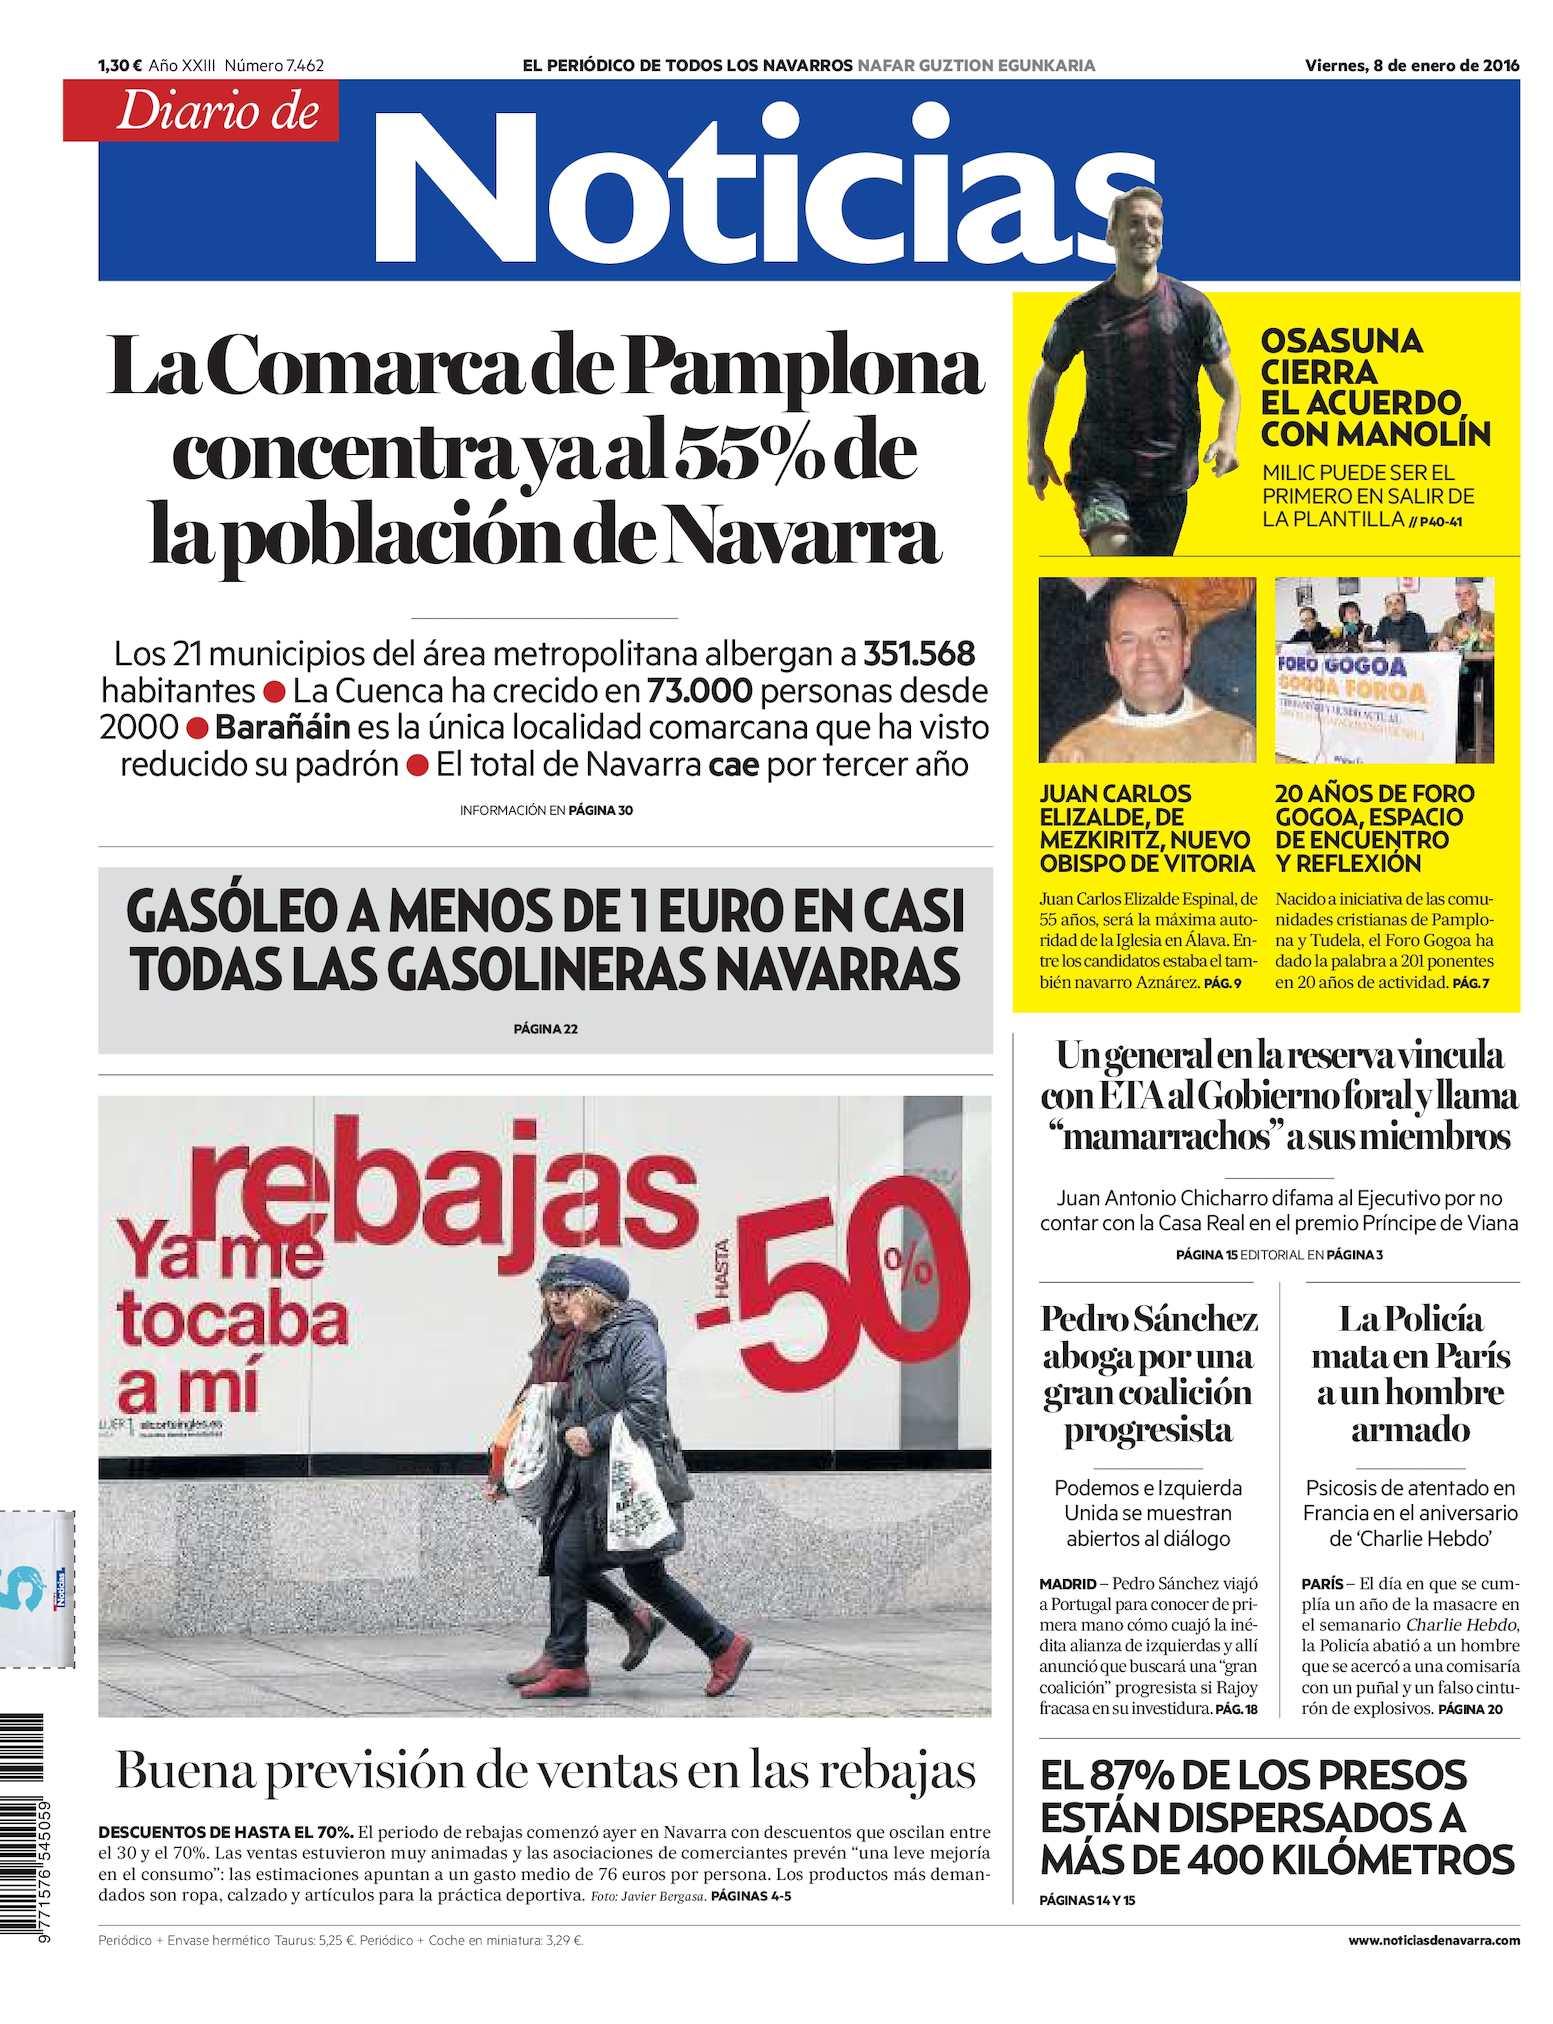 cf015eaf Calaméo - Diario de Noticias 20160108